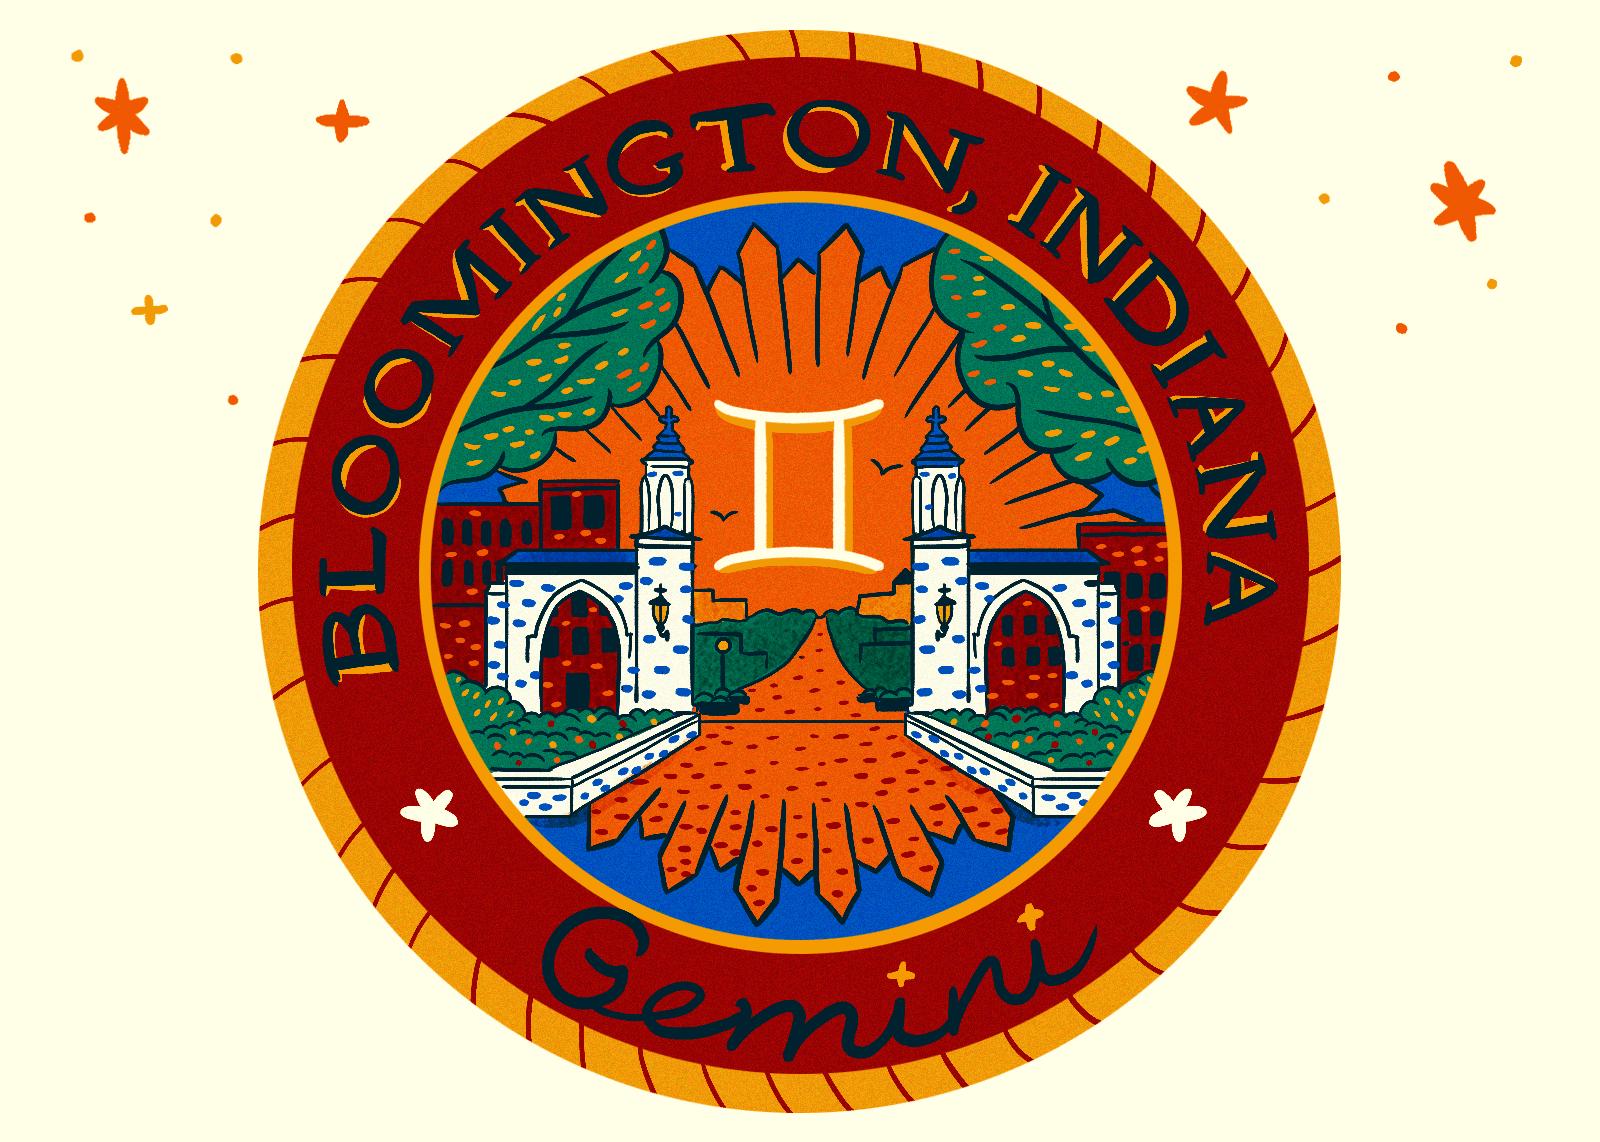 Illustration of Bloomington Indiana